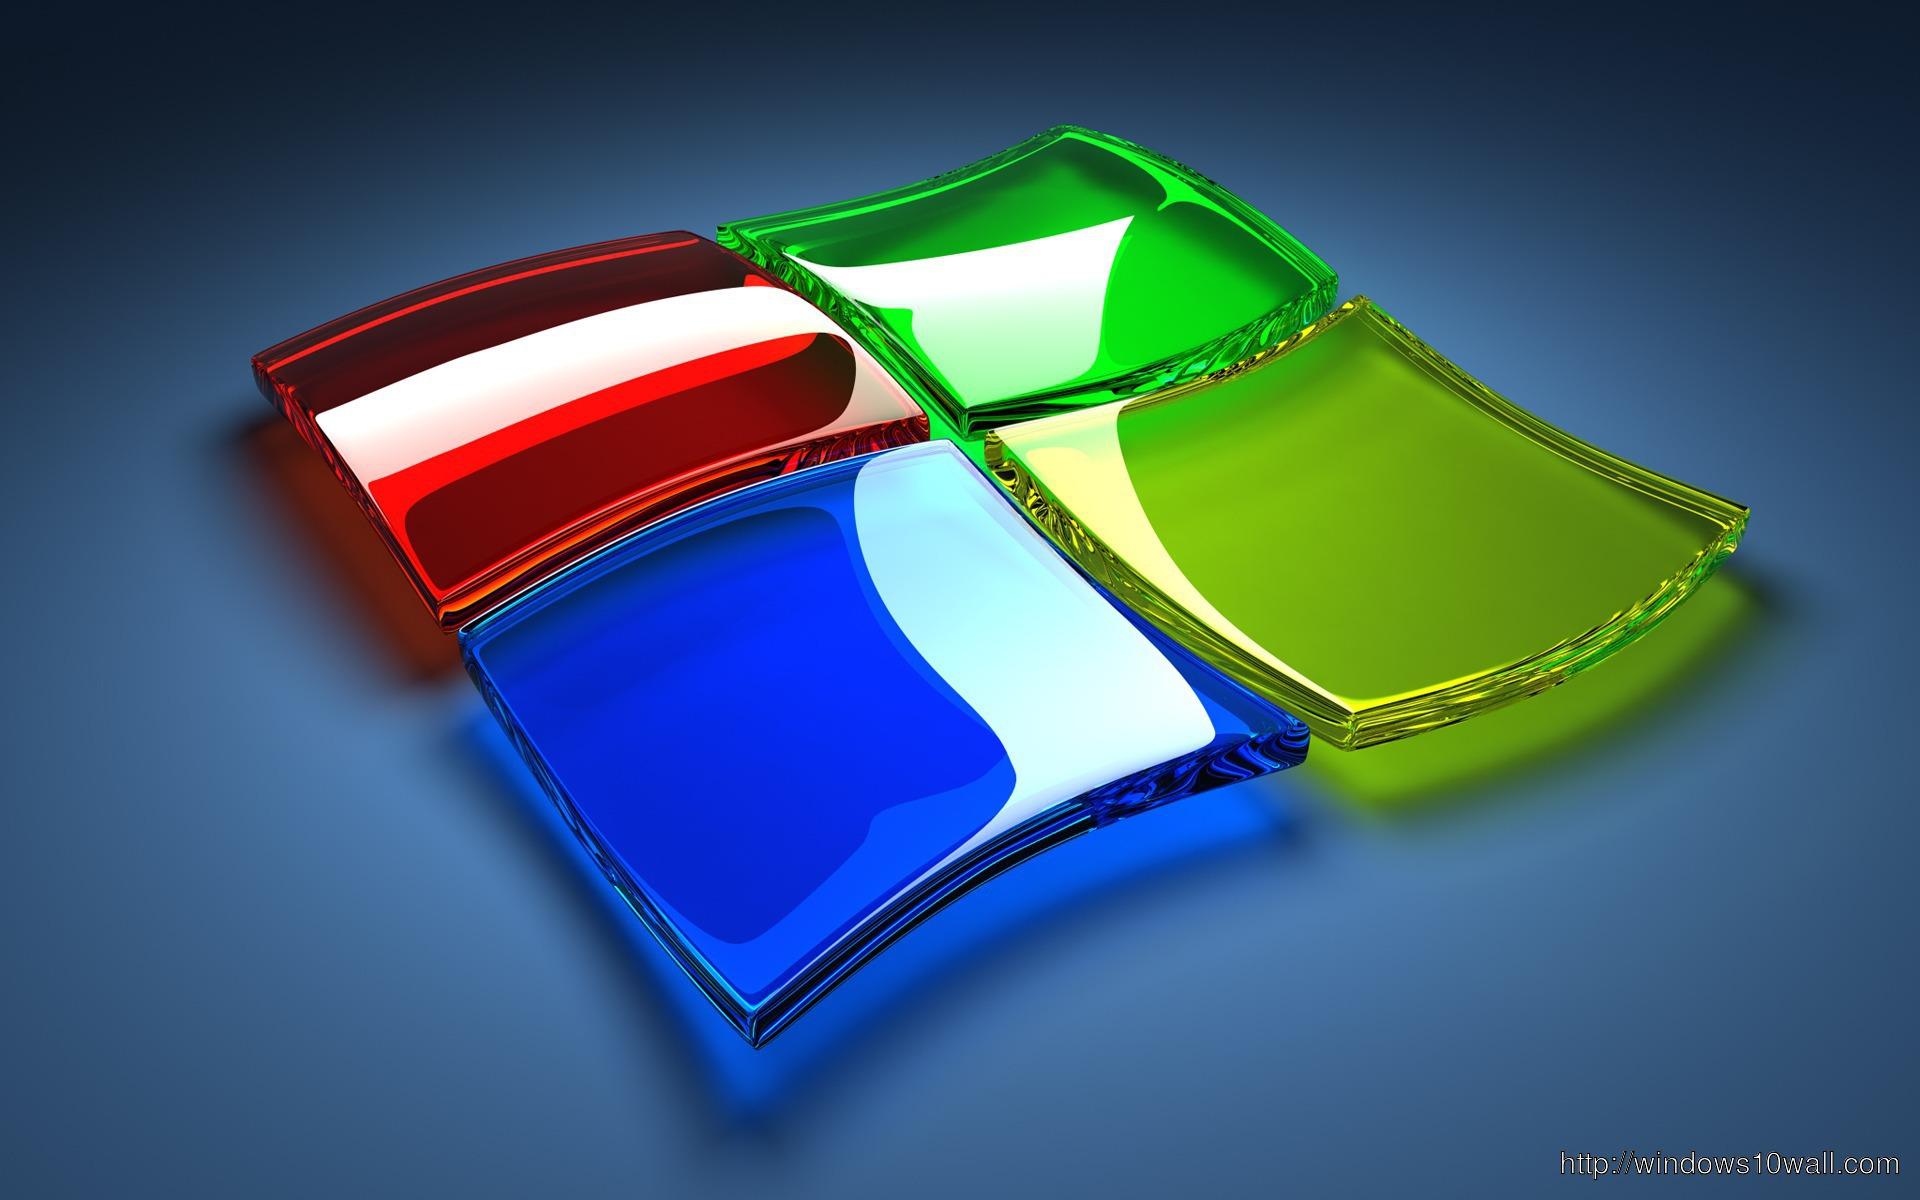 Windows 7 3d Wallpaper Windows 10 Wallpapers